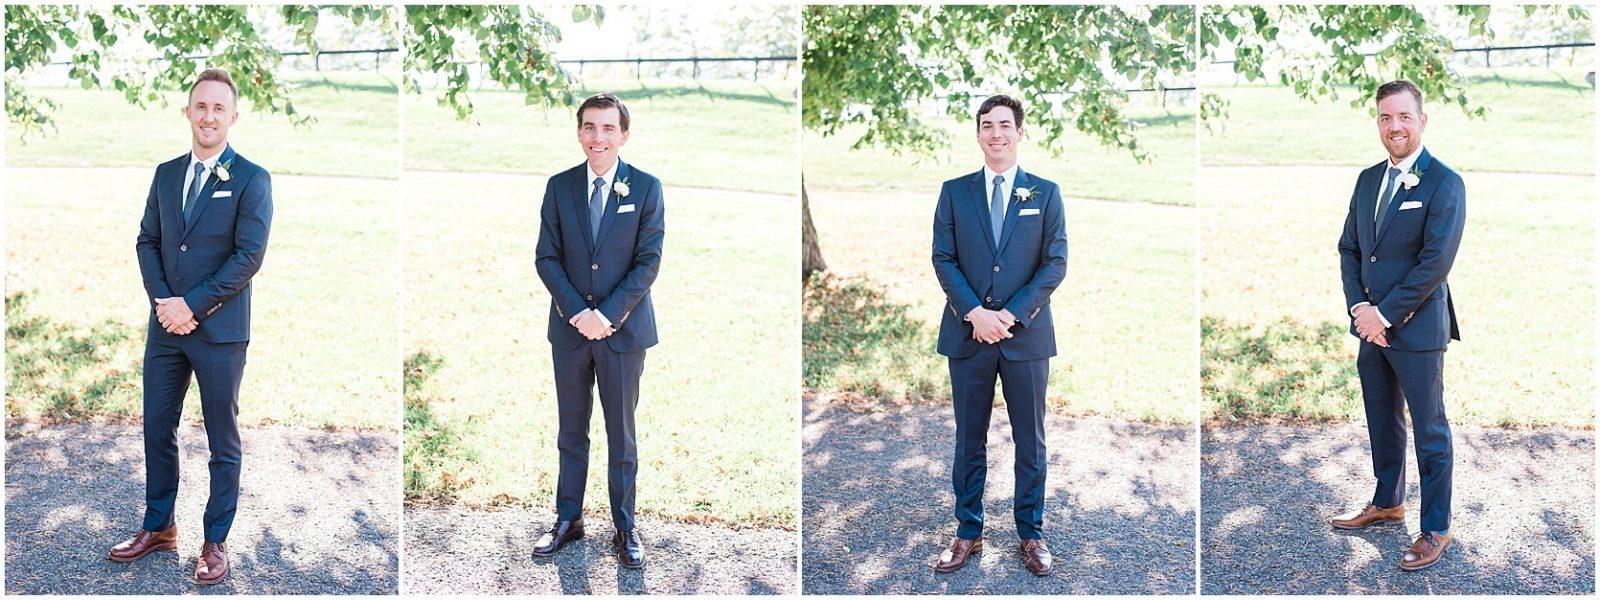 0041 SS-Late Summer Wedding at Zibi - Ottawa_PhotosbyEmmaH_WEB.jpg